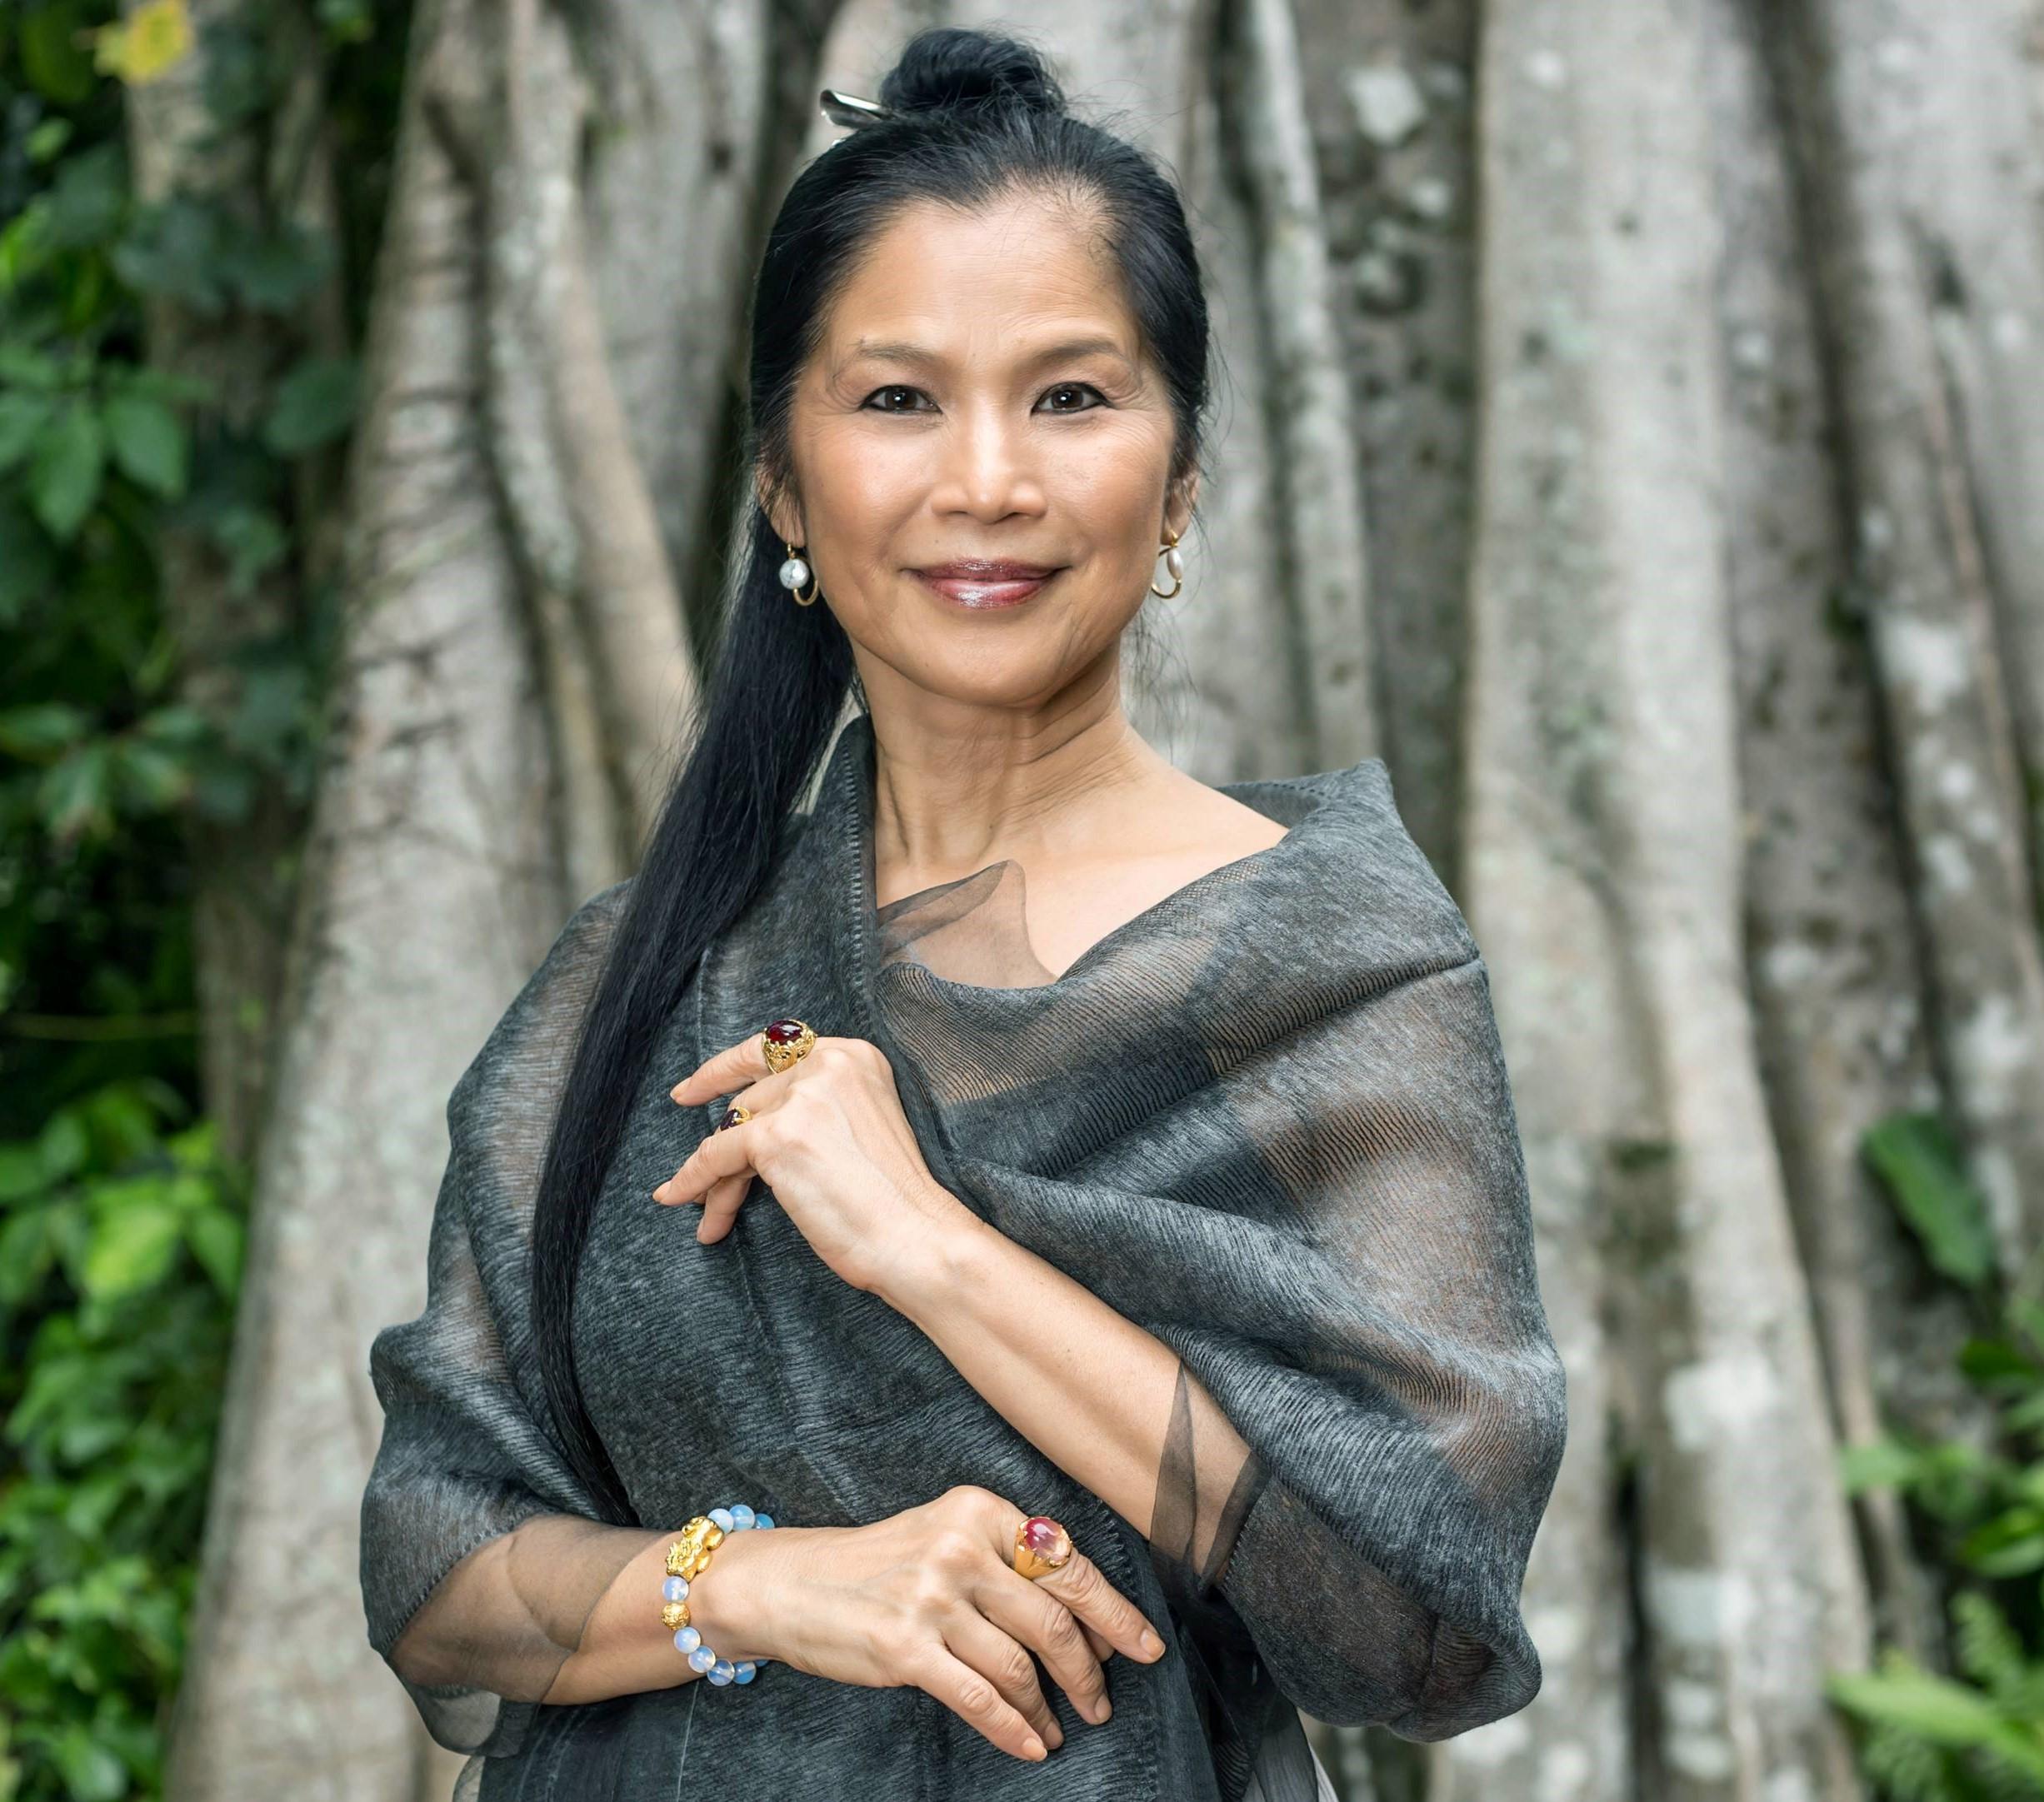 Dr. Wai-Ching Lee